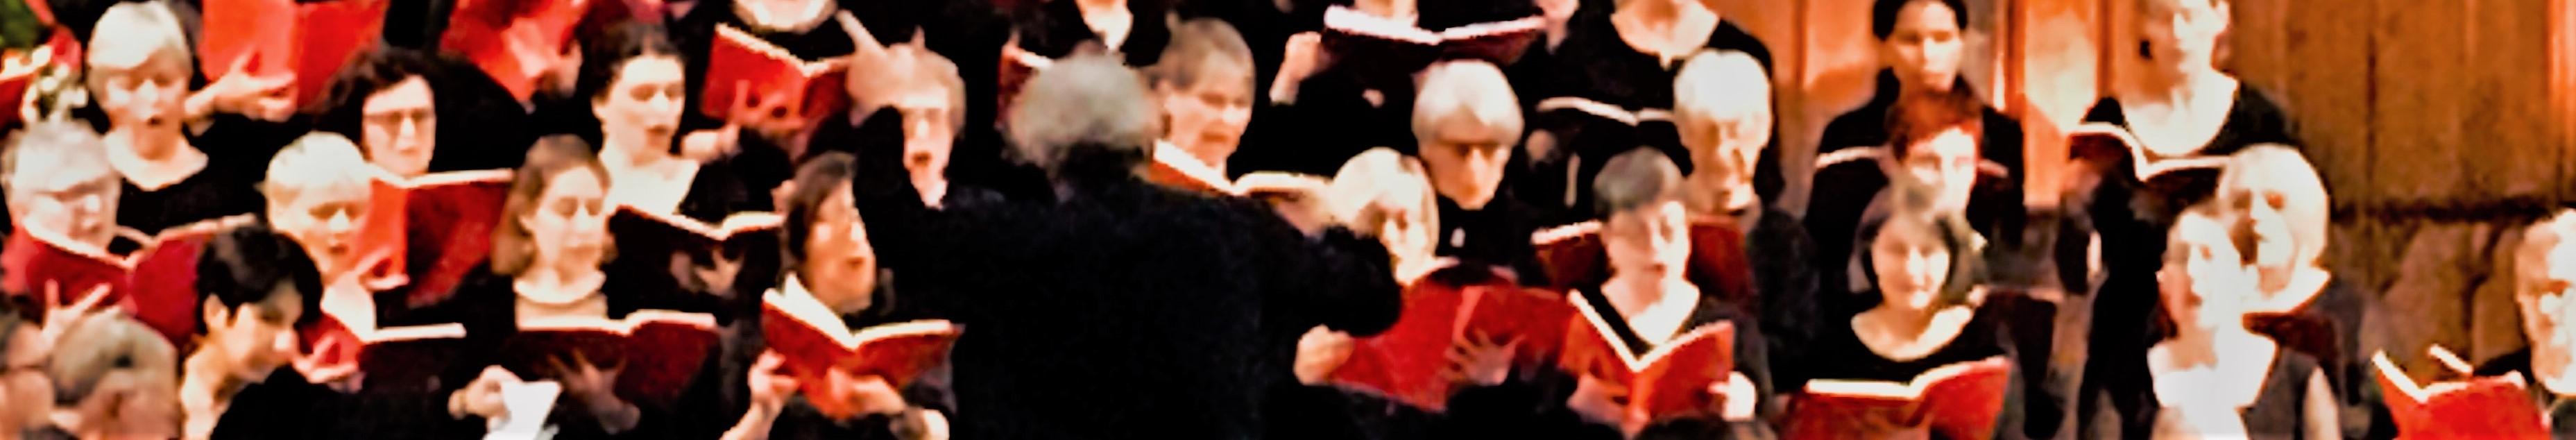 Un Requiem pour la vie: Le requiem allemand de Brahms